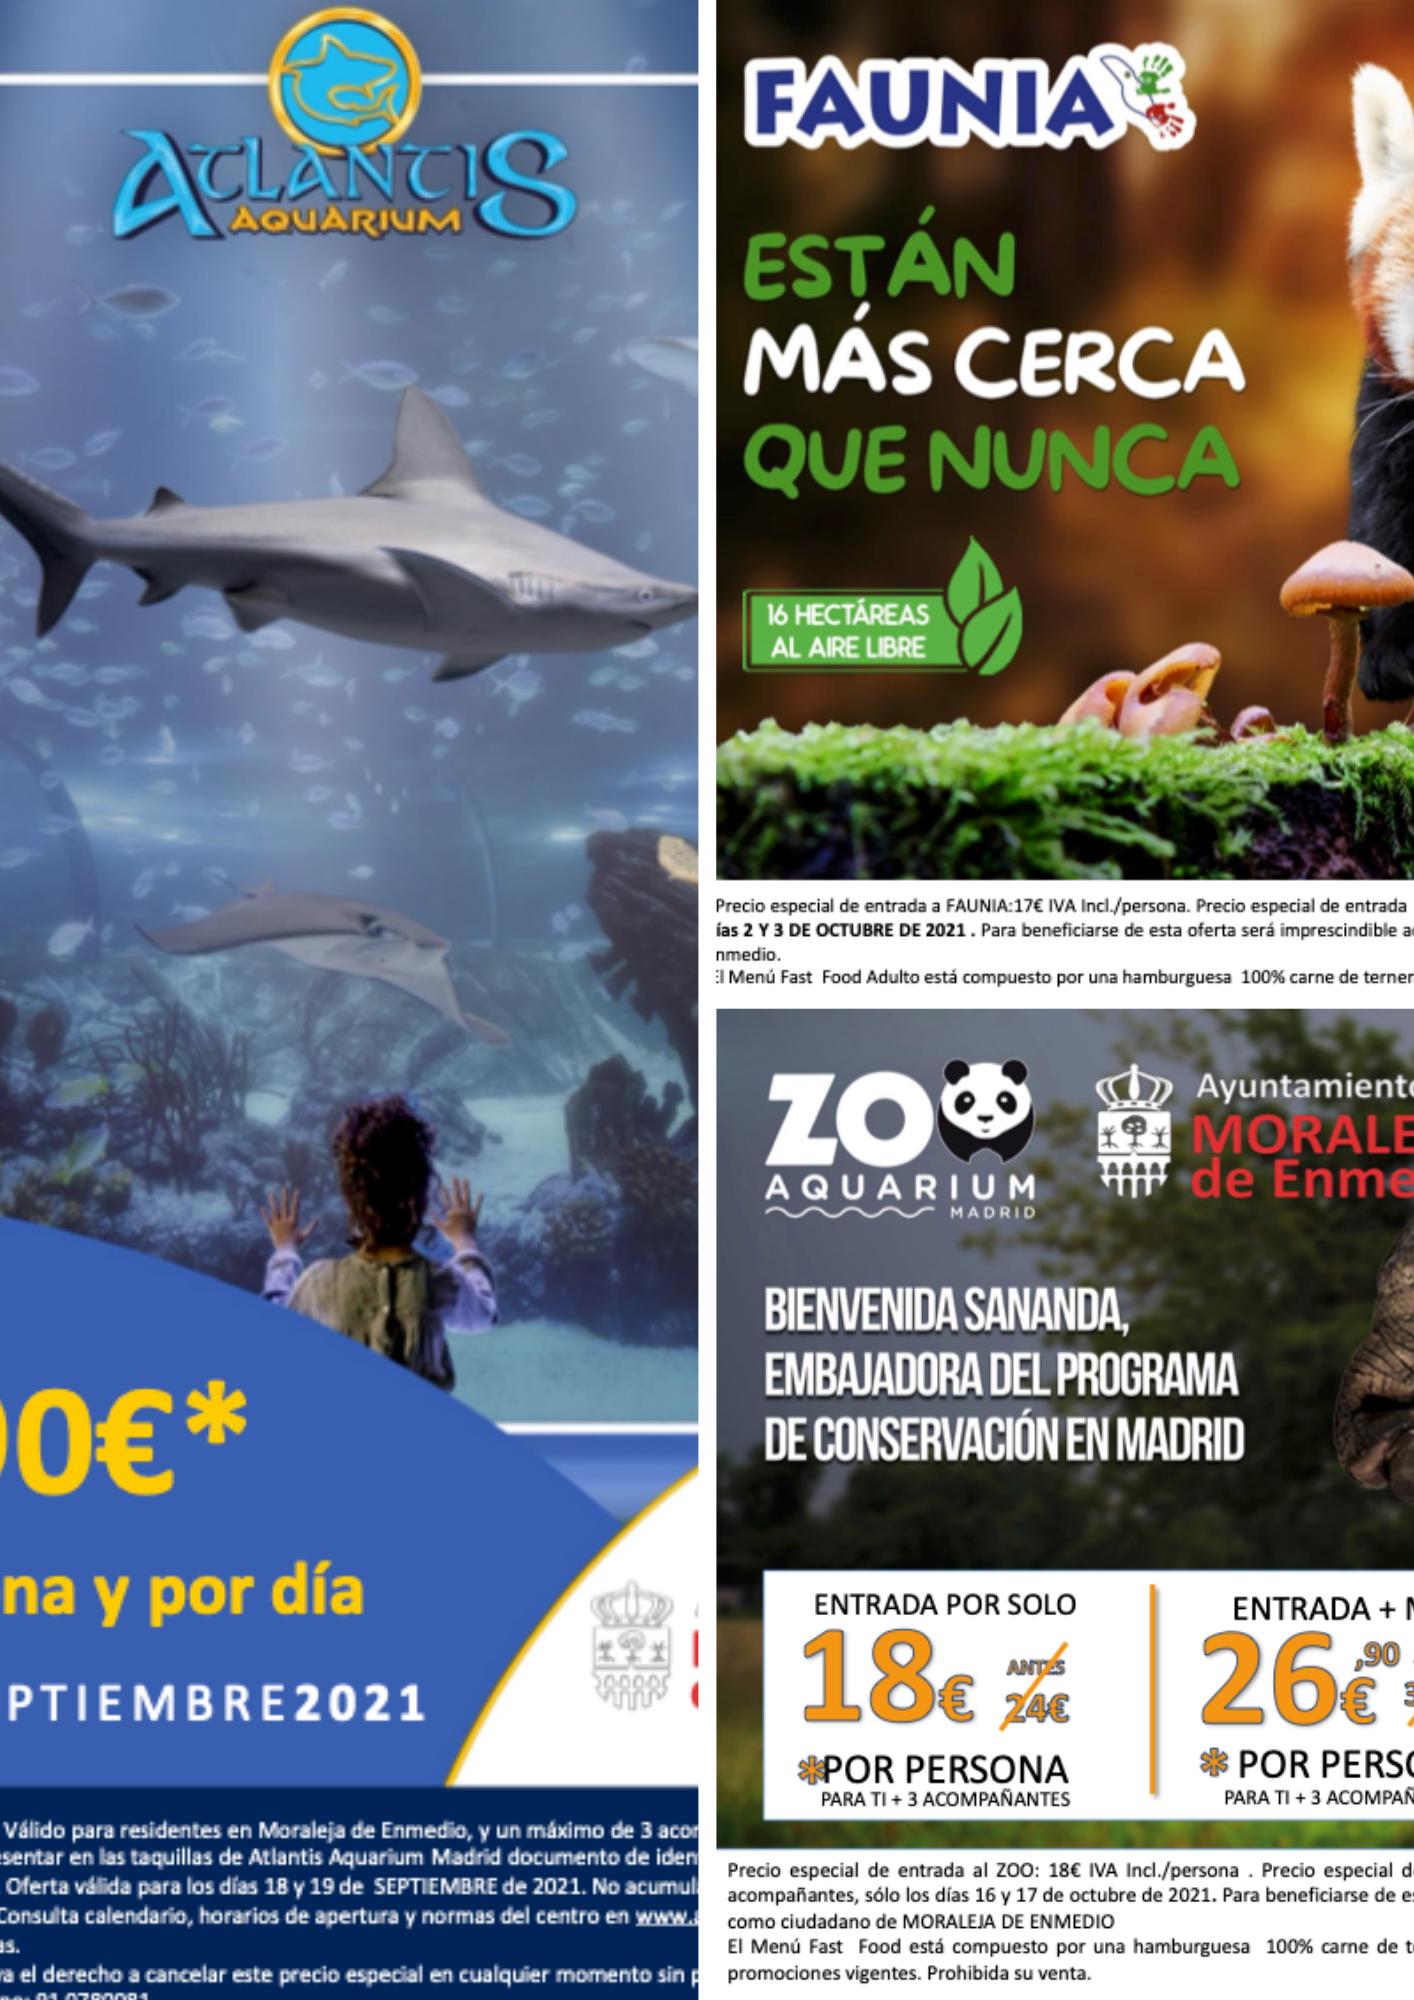 Días Especiales en Zoo Aquarium de Madrid, Faunia & Atlantis Aquarium